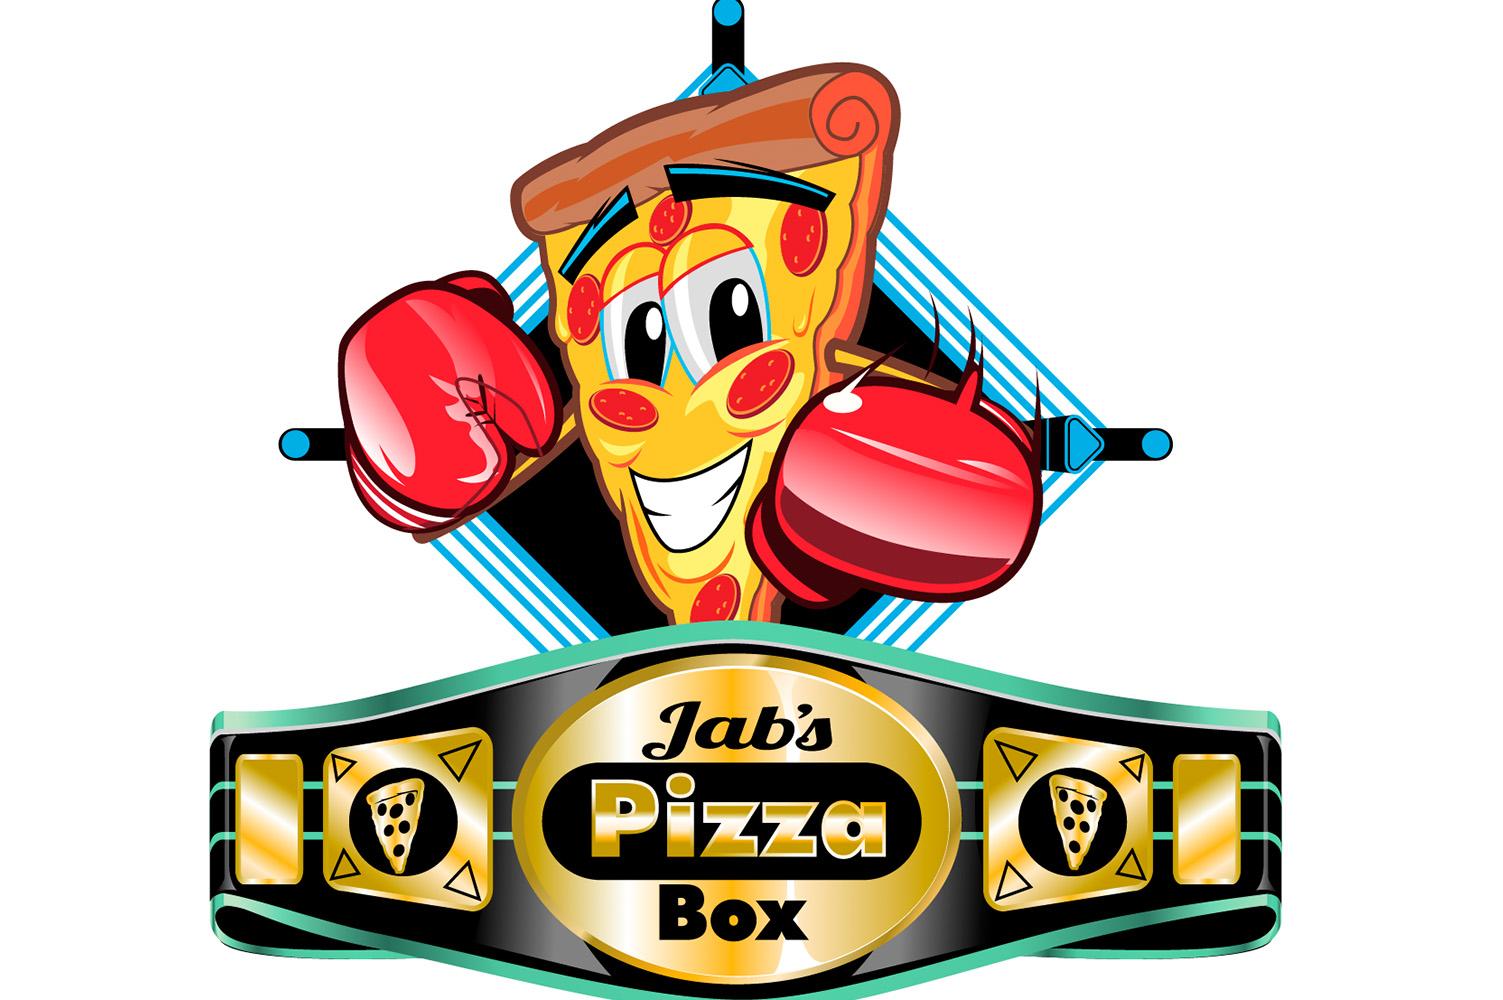 Jab's Pizza Box